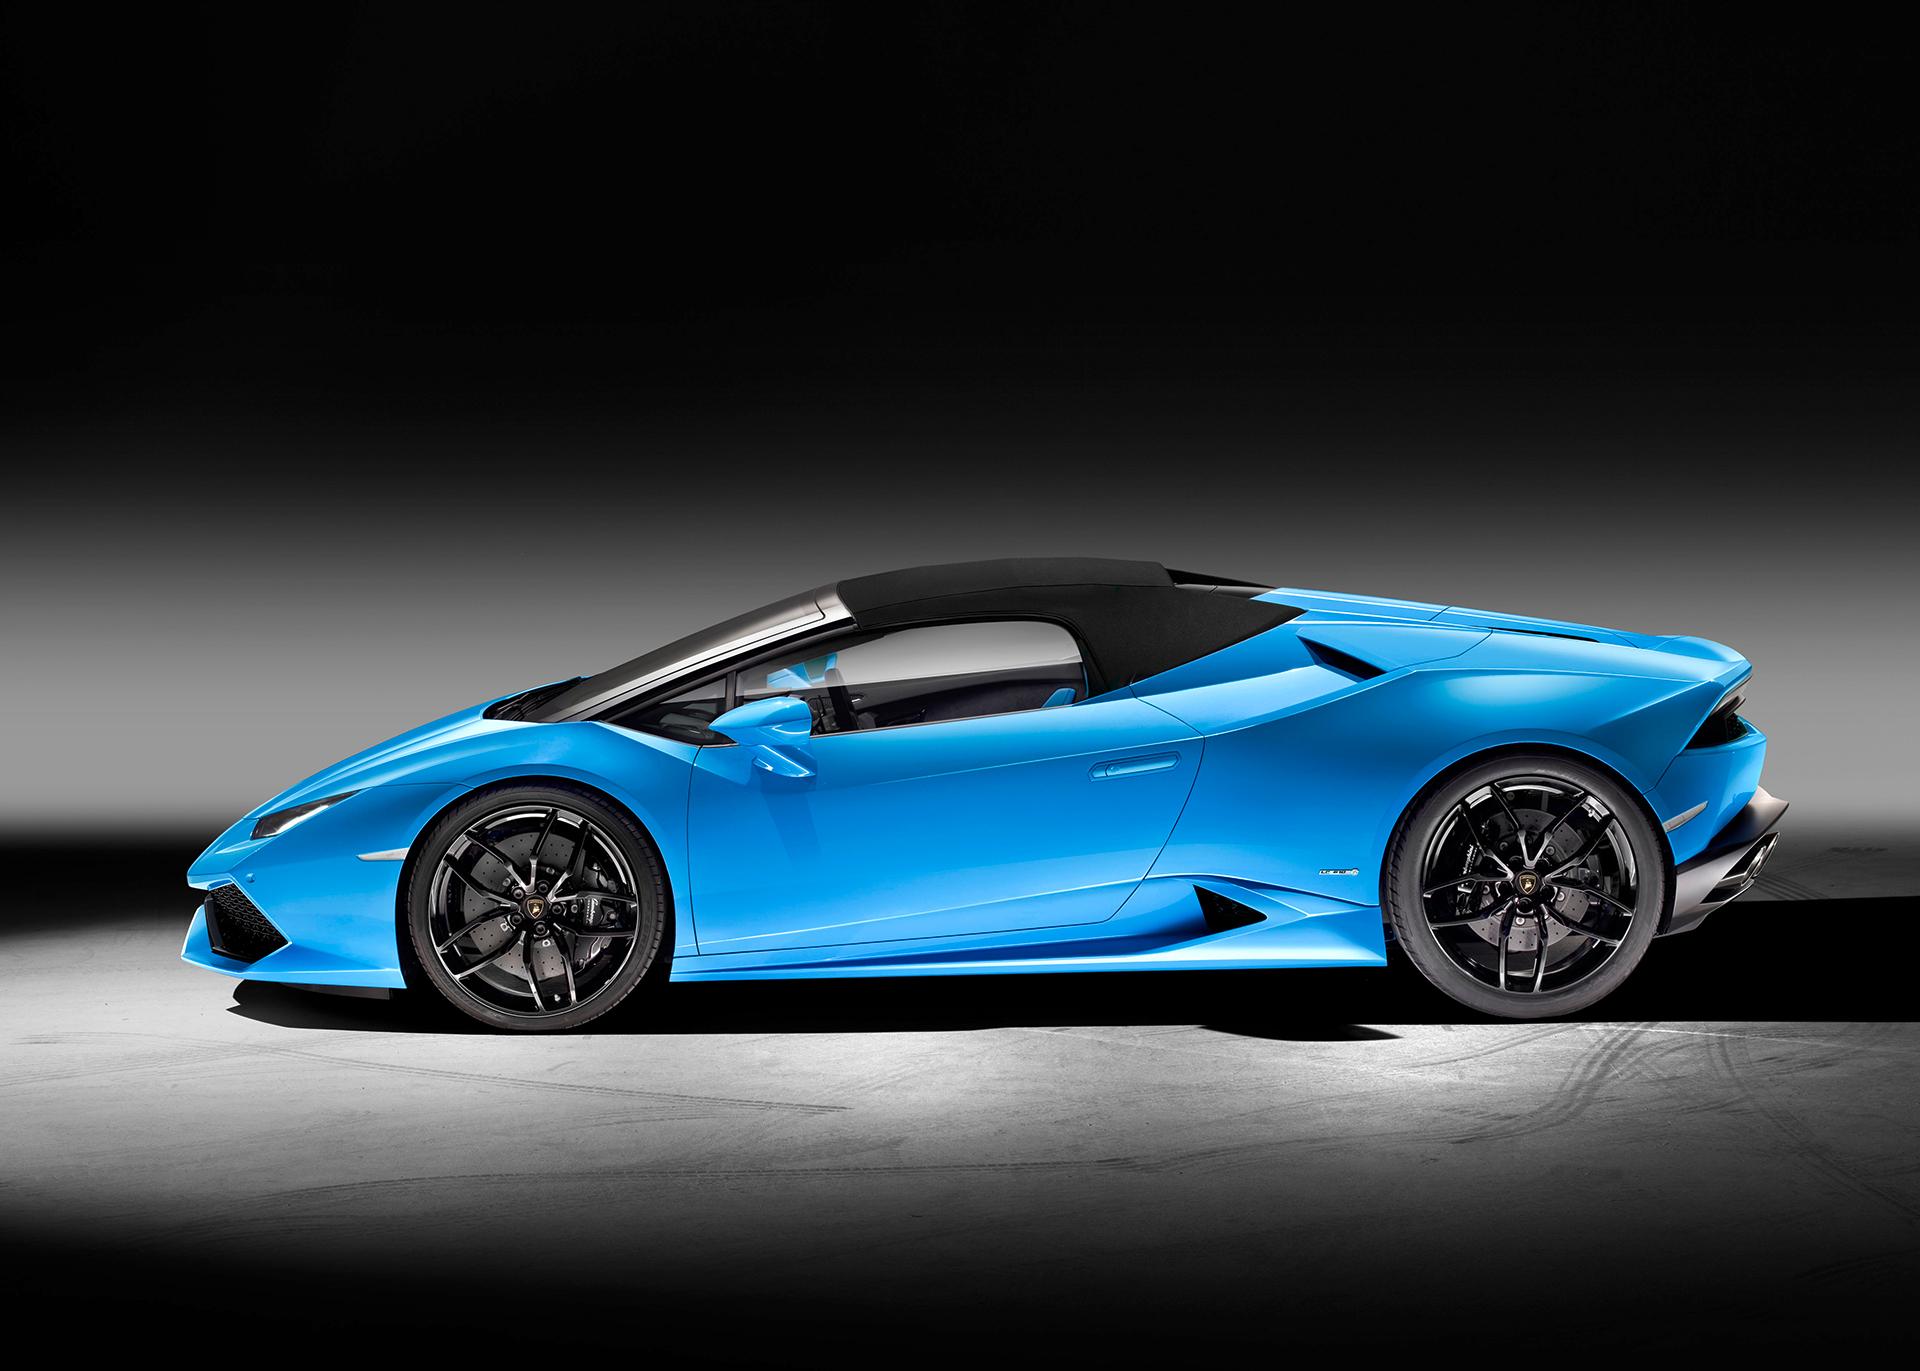 Lamborghini Huracán LP 610-4 Spyder - profil toit fermé / side-face close top